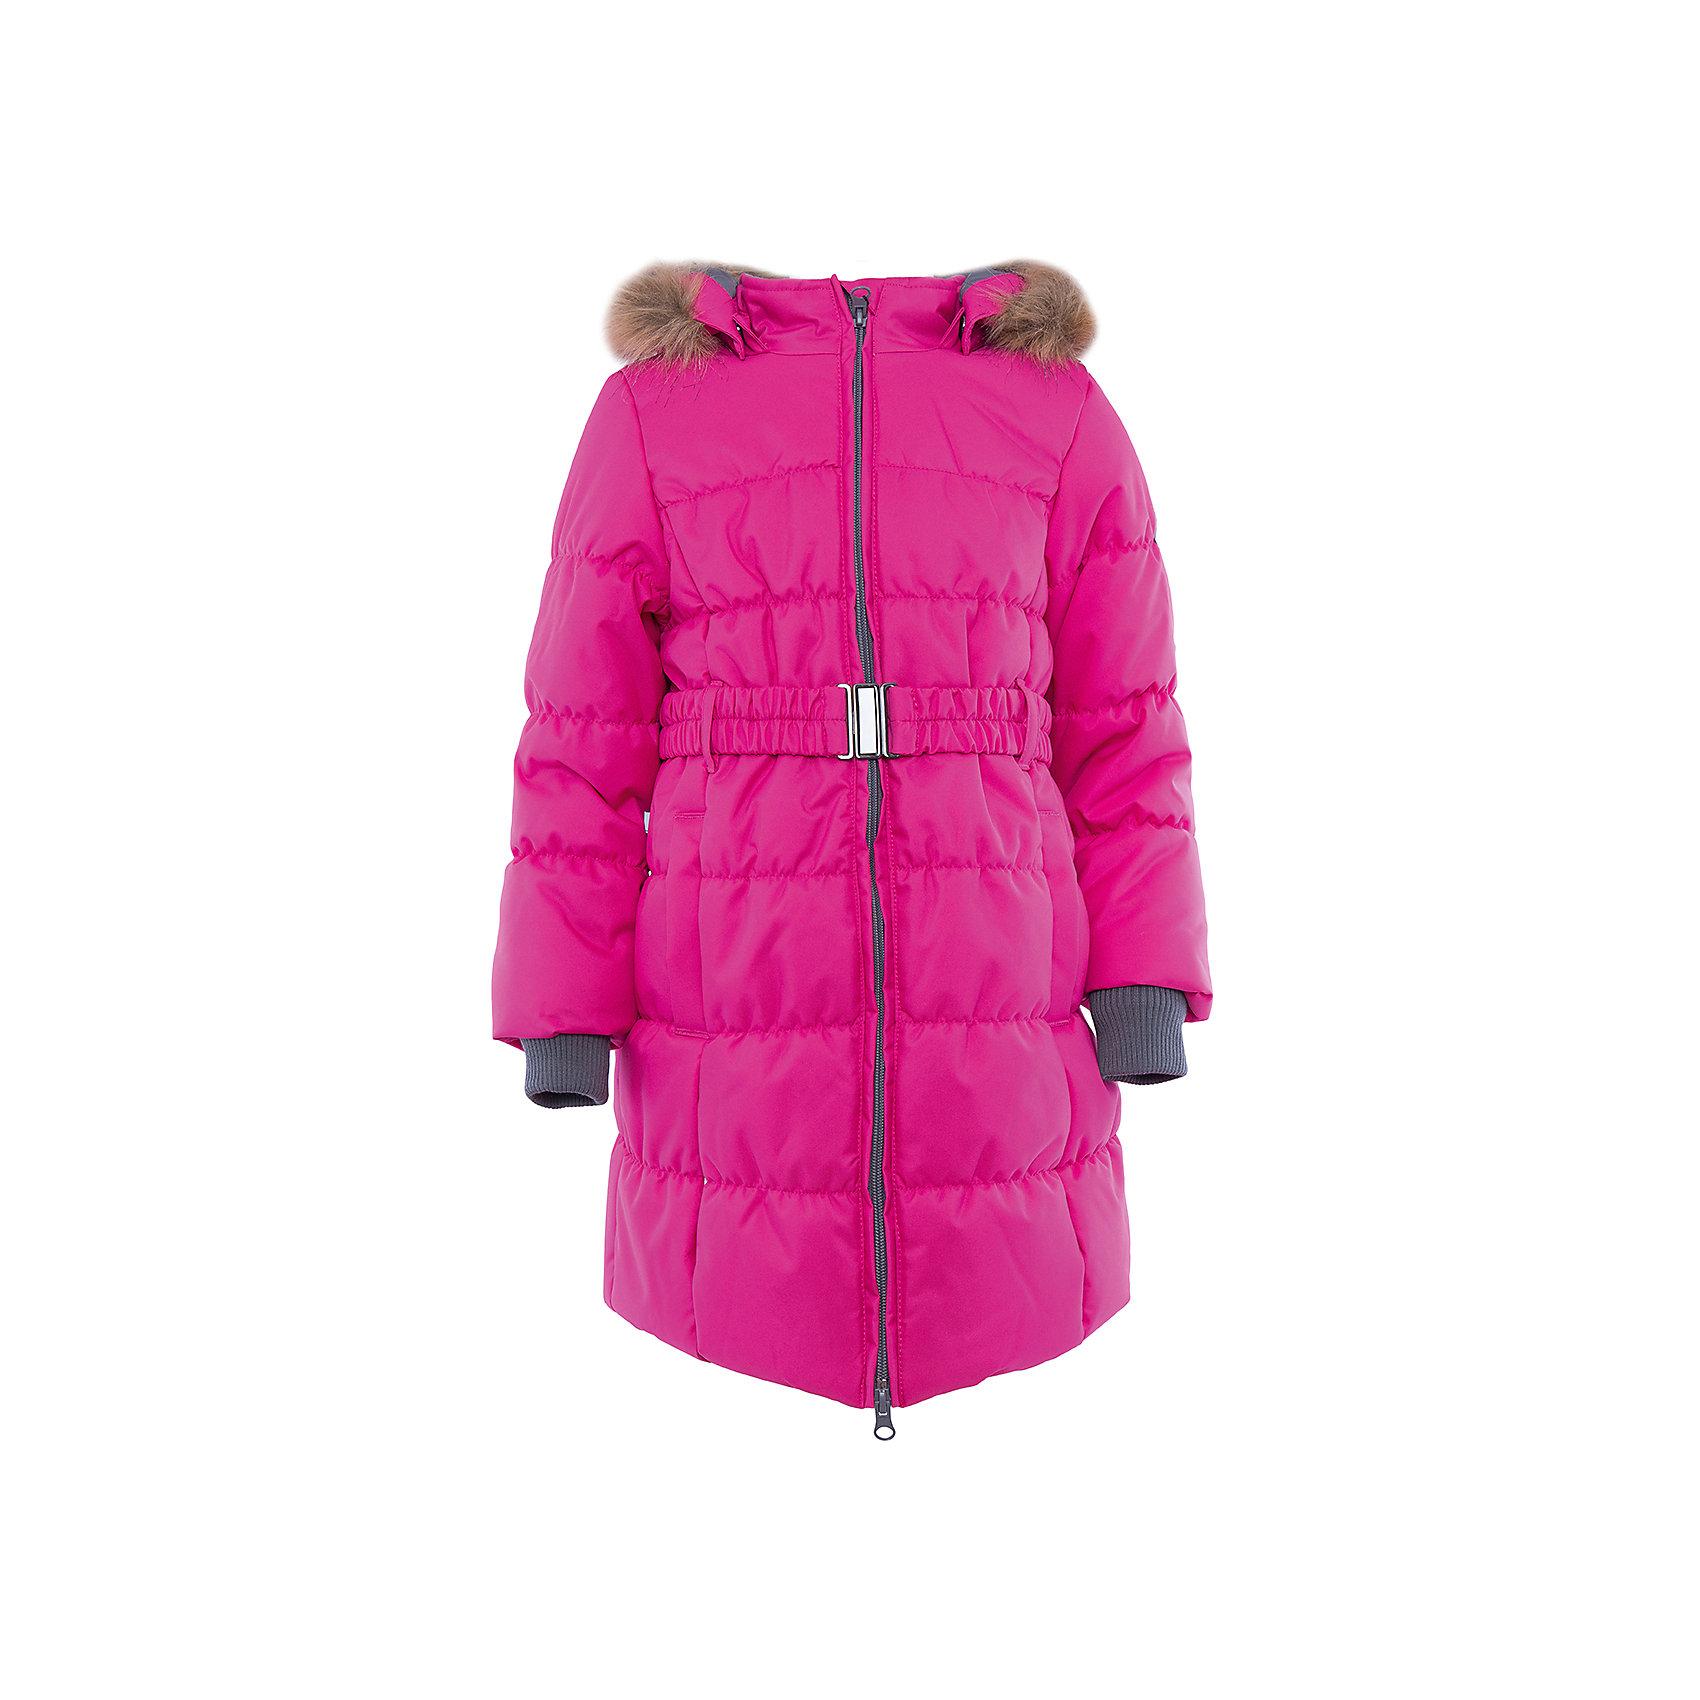 Пальто   для девочки HuppaЗимние куртки<br>Пальто YACARANDA Huppa(Хуппа).<br><br>Утеплитель: 100% полиэстер, 300 гр.<br><br>Температурный режим: до -30 градусов. Степень утепления – высокая. <br><br>* Температурный режим указан приблизительно — необходимо, прежде всего, ориентироваться на ощущения ребенка. Температурный режим работает в случае соблюдения правила многослойности – использования флисовой поддевы и термобелья.<br><br>Идеально подойдет девочке в холодную погоду. Пальто имеет приталенный силуэт, внутренние вязаные манжеты, двойную молнию и большой отстегивающийся капюшон с искусственным мехом. Водонепроницаемая поверхность в сочетании с утеплителем помогут девочке оставаться в тепле и сухости в течение всей прогулки. Пальто легко стирается и быстро сохнет. Все ткани очень прочные и защищены от истирания. Прекрасно подойдет для зимы.<br><br>Дополнительная информация:<br>Материал: 100% полиэстер<br>Подкладка: тафта - 100% полиэстер, флис - 100% полиэстер<br>Цвет: фуксия<br><br>Вы можете приобрести пальто YACARANDA Huppa(Хуппа) в нашем интернет-магазине.<br><br>Ширина мм: 356<br>Глубина мм: 10<br>Высота мм: 245<br>Вес г: 519<br>Цвет: розовый<br>Возраст от месяцев: 36<br>Возраст до месяцев: 48<br>Пол: Женский<br>Возраст: Детский<br>Размер: 104,170,110,116,122,128,134,140,146,152,158,164<br>SKU: 4928048